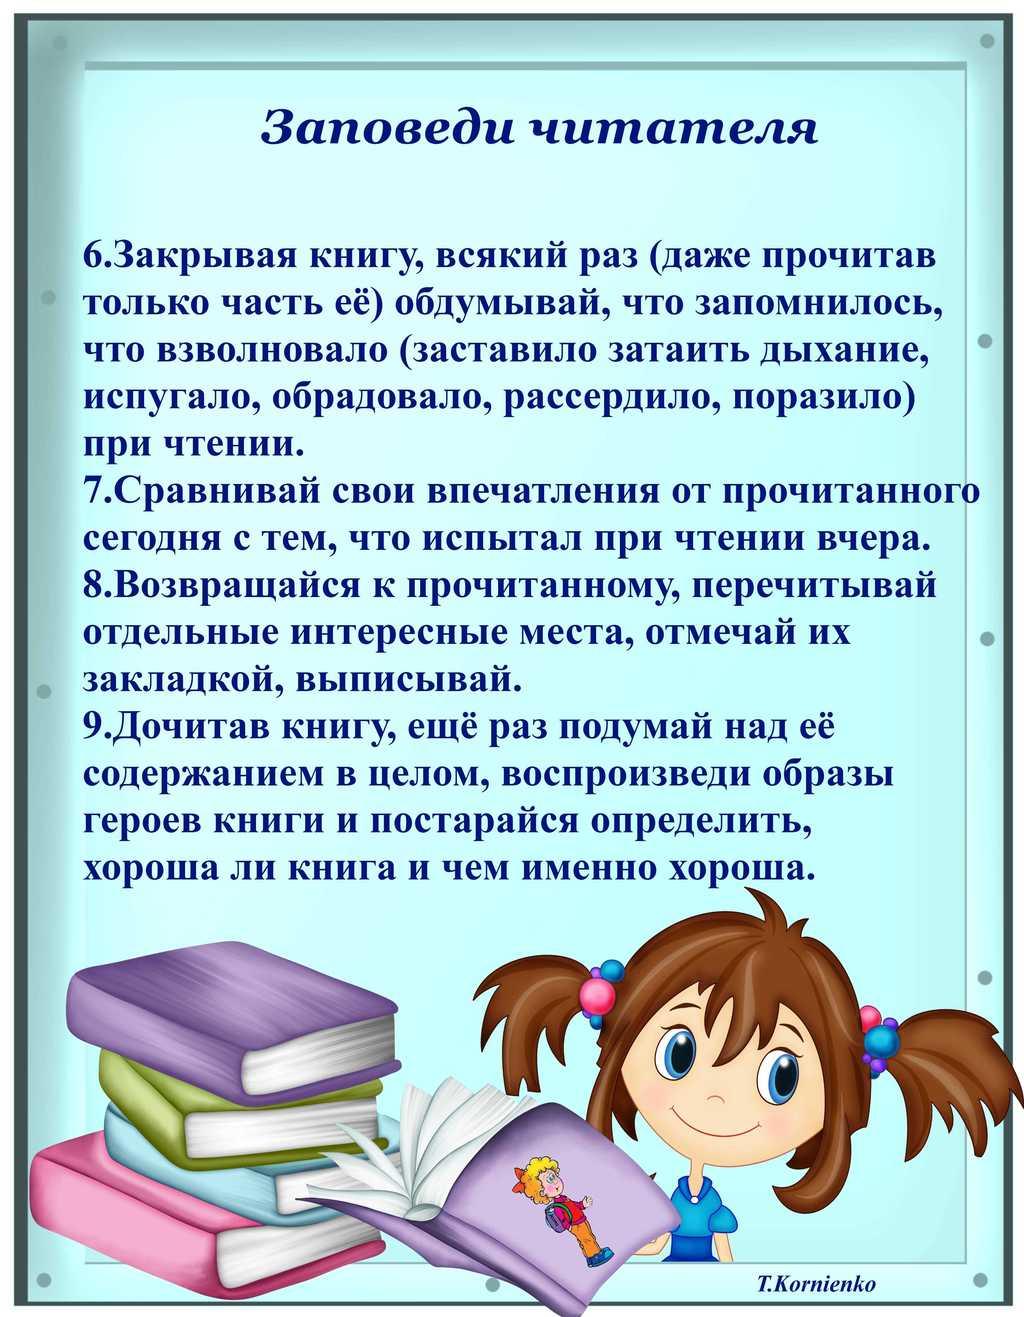 Интересные работы для учащихся начальных классов